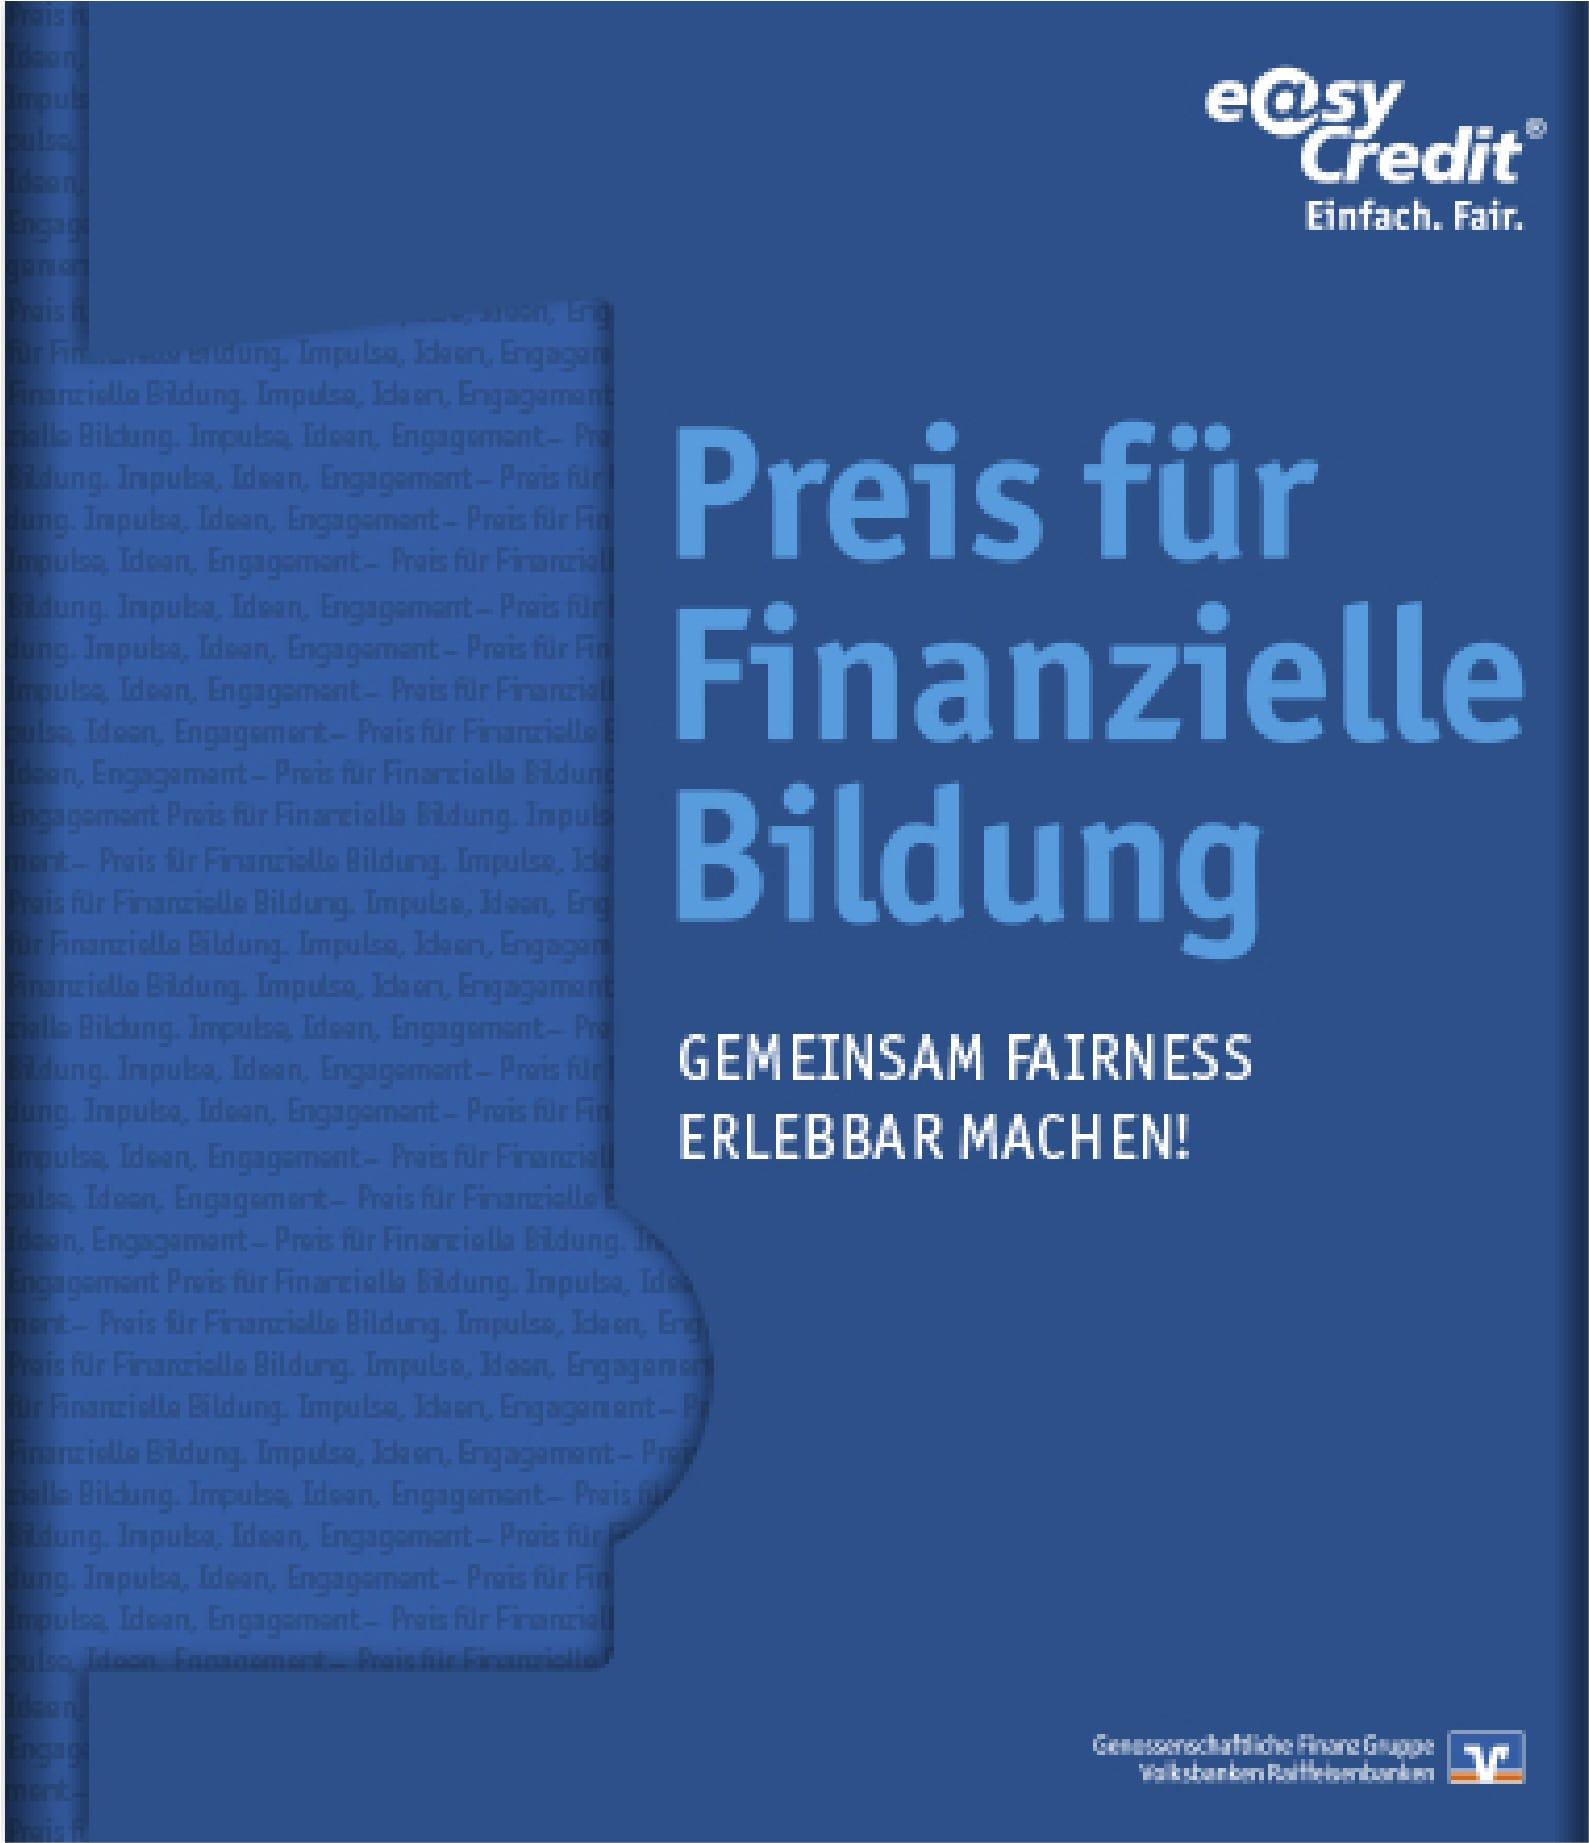 Preis für finanzielle Bildung